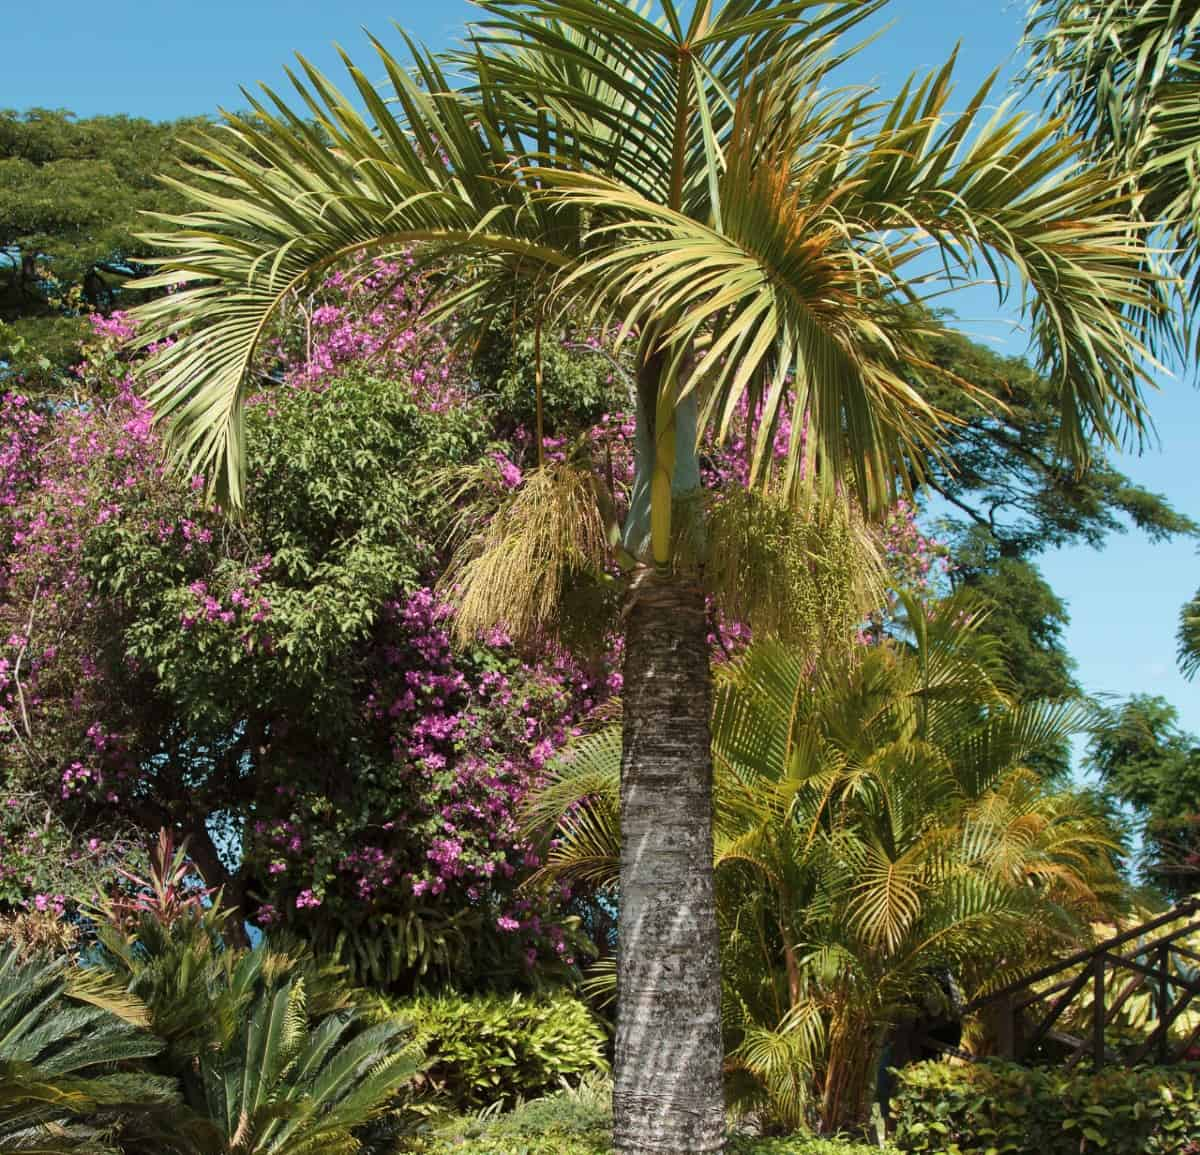 Bottle palm trees have a unique trunk shape.